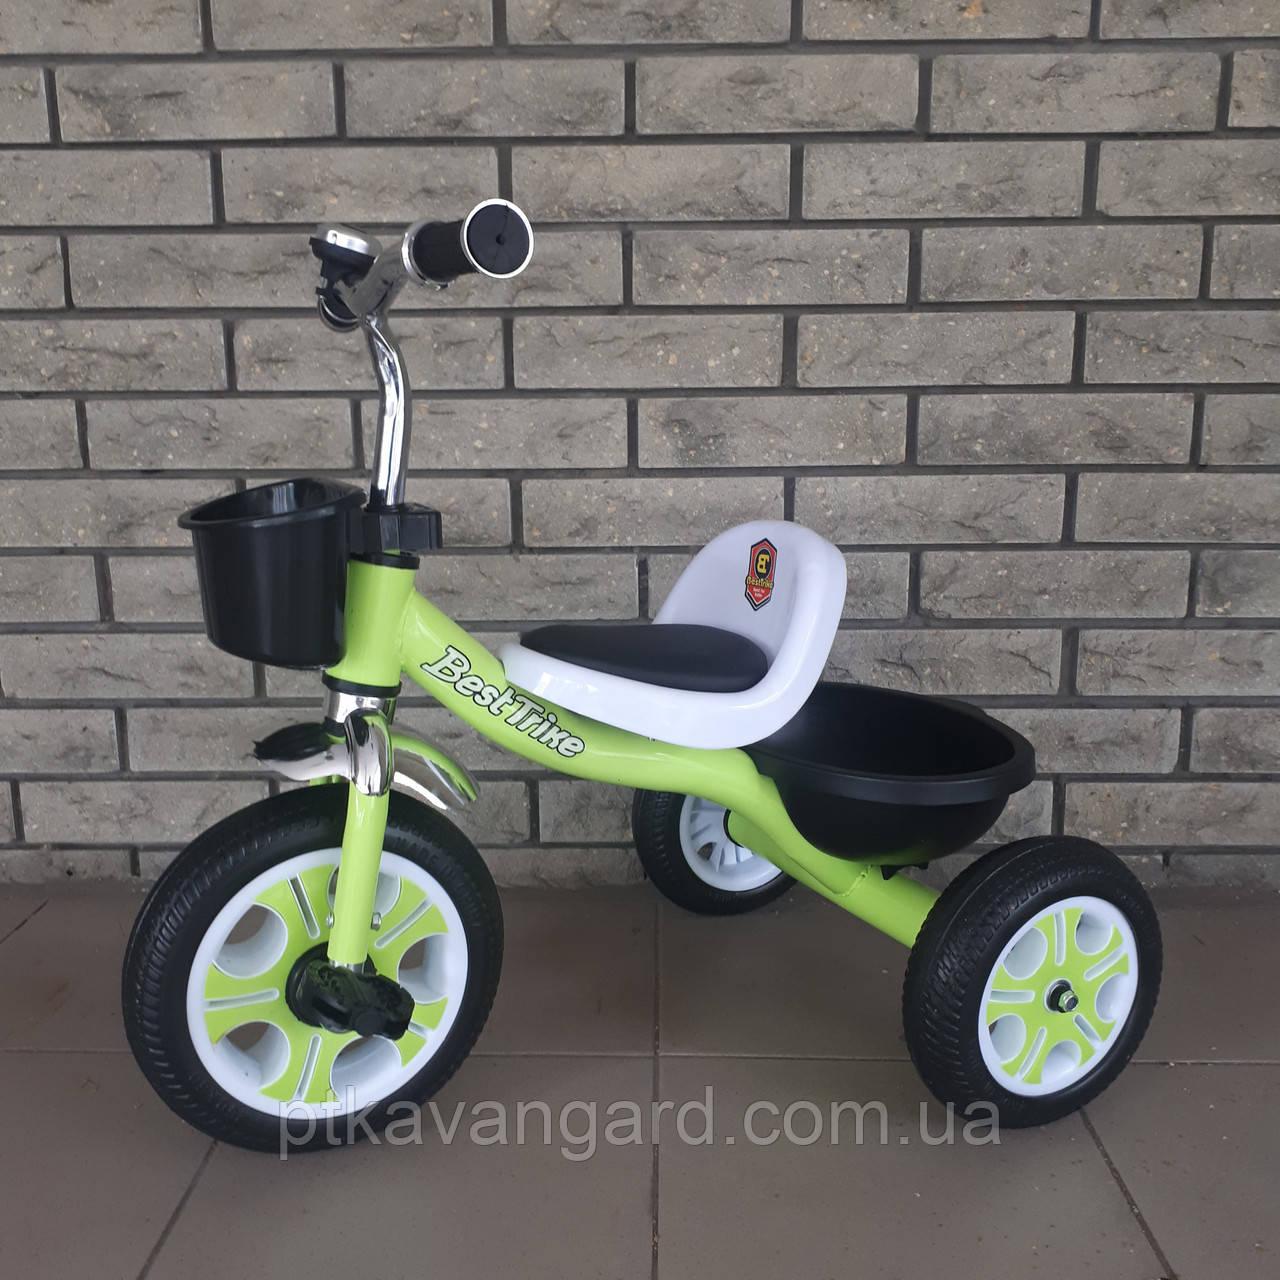 Велосипед триколісний Best Trike, Салатовий, піно колесо, метал рама, дзвіночок, 2 корзини, LM-3109